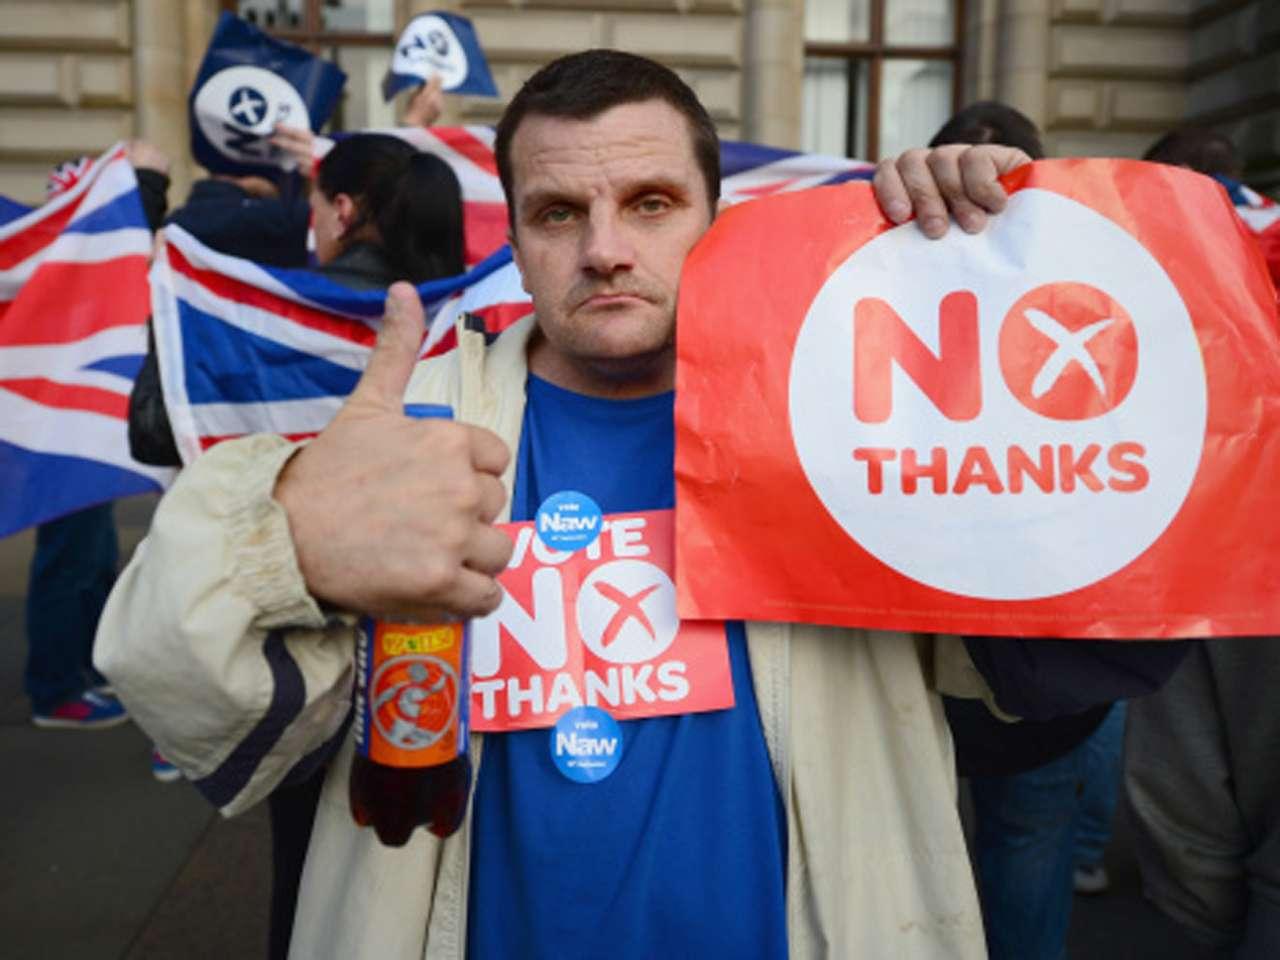 Cerca de 4.3 millones de escoceses votarán este jueves sobre la escisión del Reino Unido Foto: Getty Images